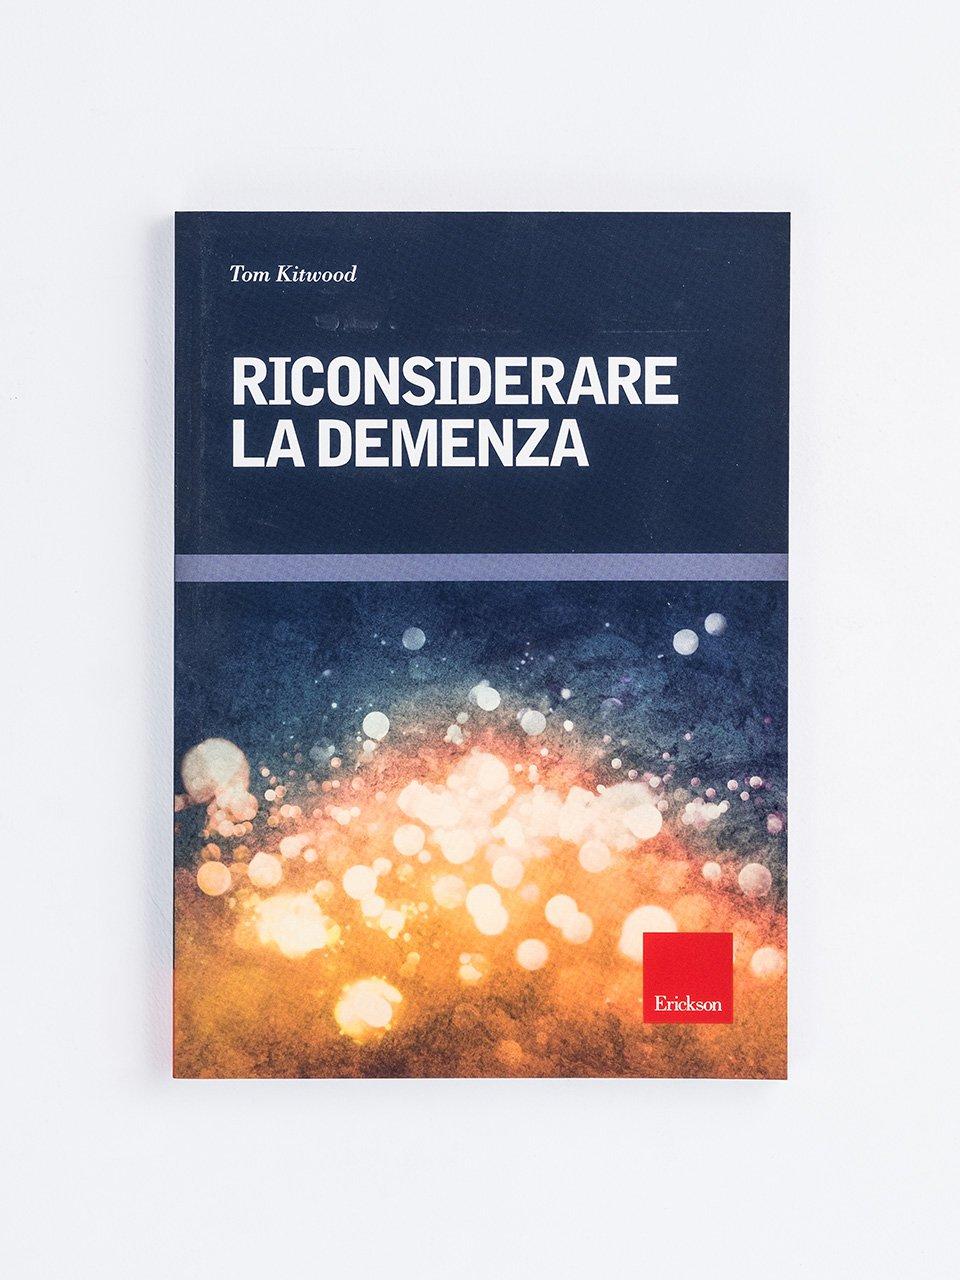 Riconsiderare la demenza - Una badante in famiglia - Libri - Erickson